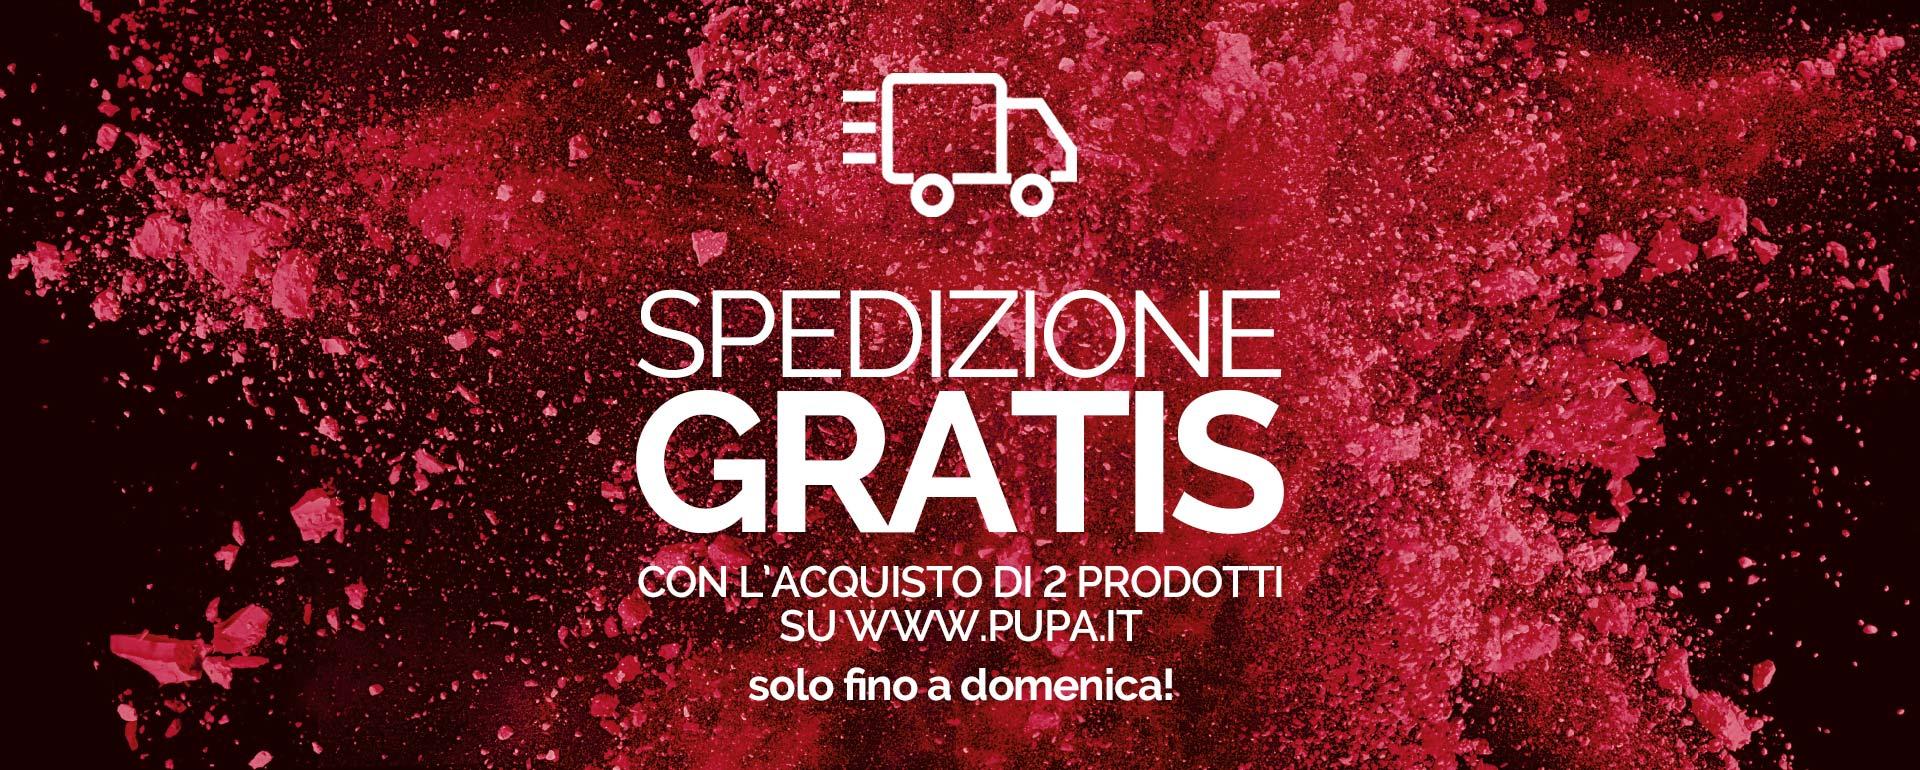 Spedizione gratuita - PUPA Milano